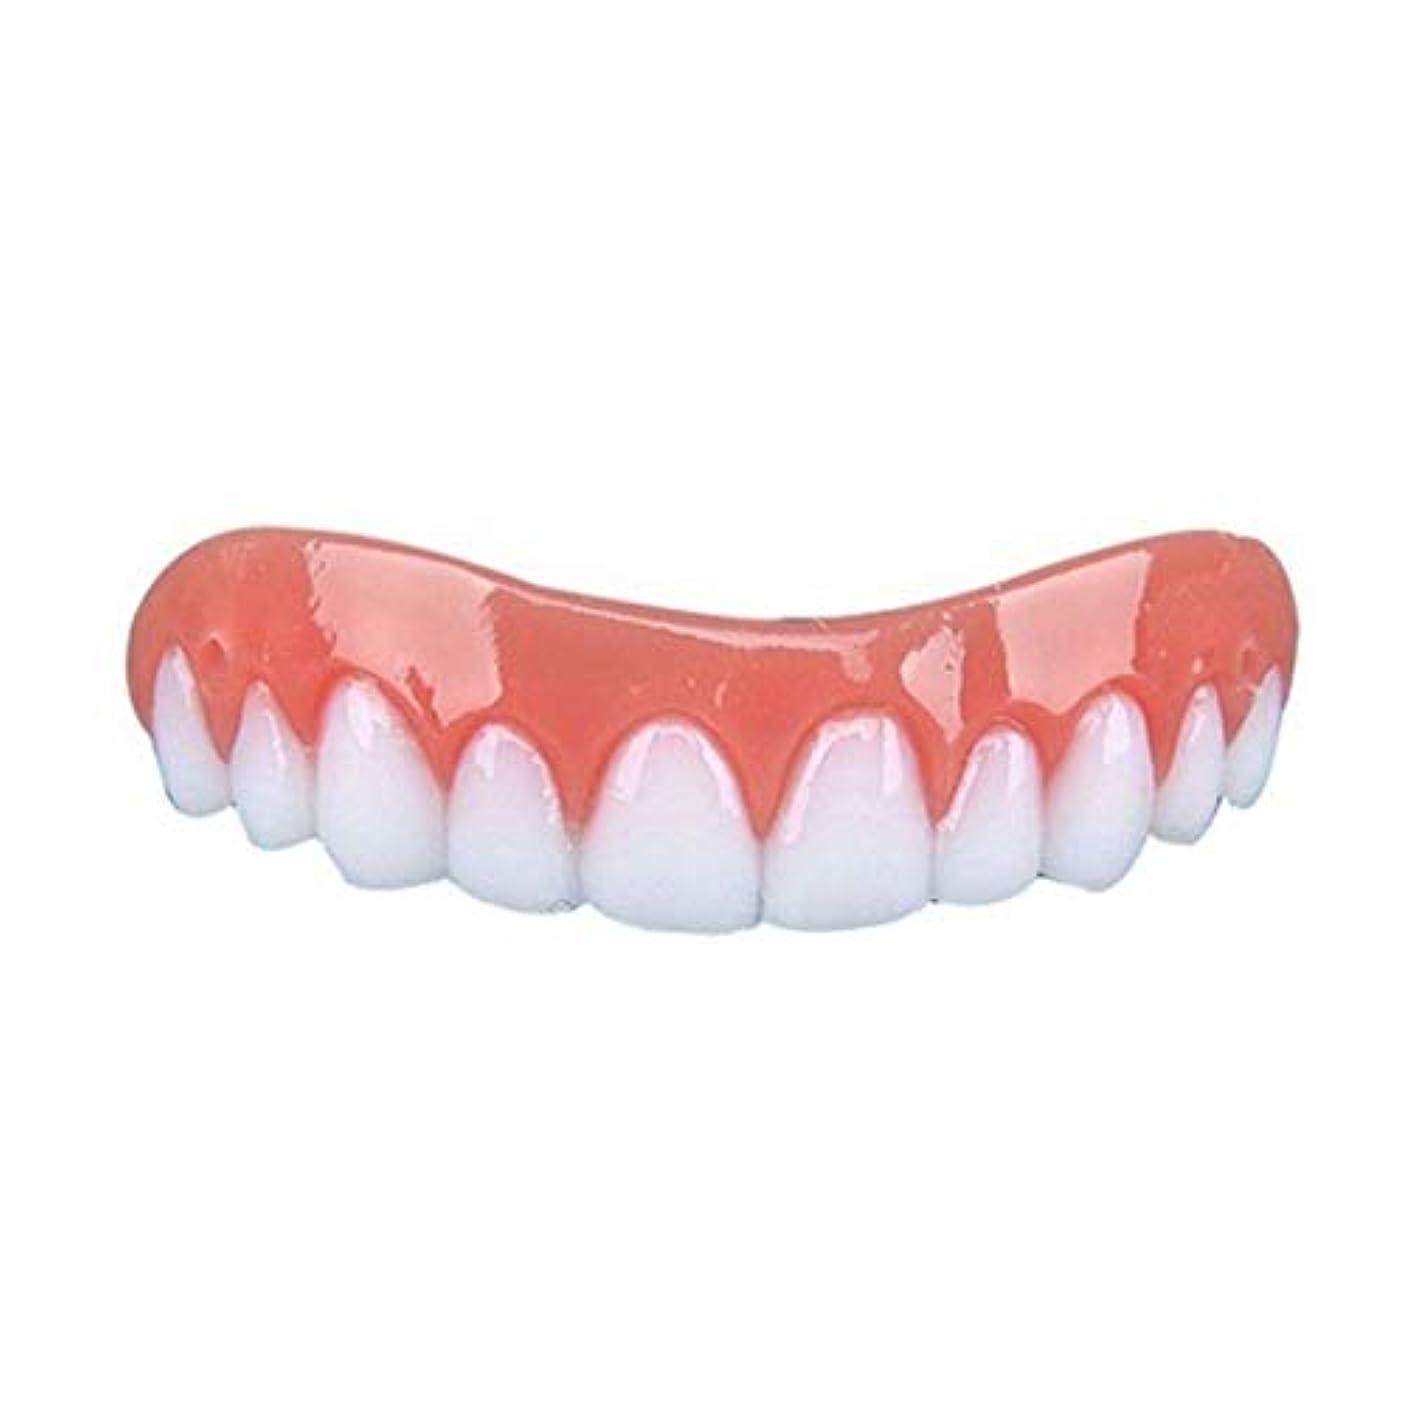 カバー触手絶縁するBartram 歯カバー シリコン義歯ペースト 上歯 笑顔を保つ 歯保護 美容用 入れ歯 矯正義歯